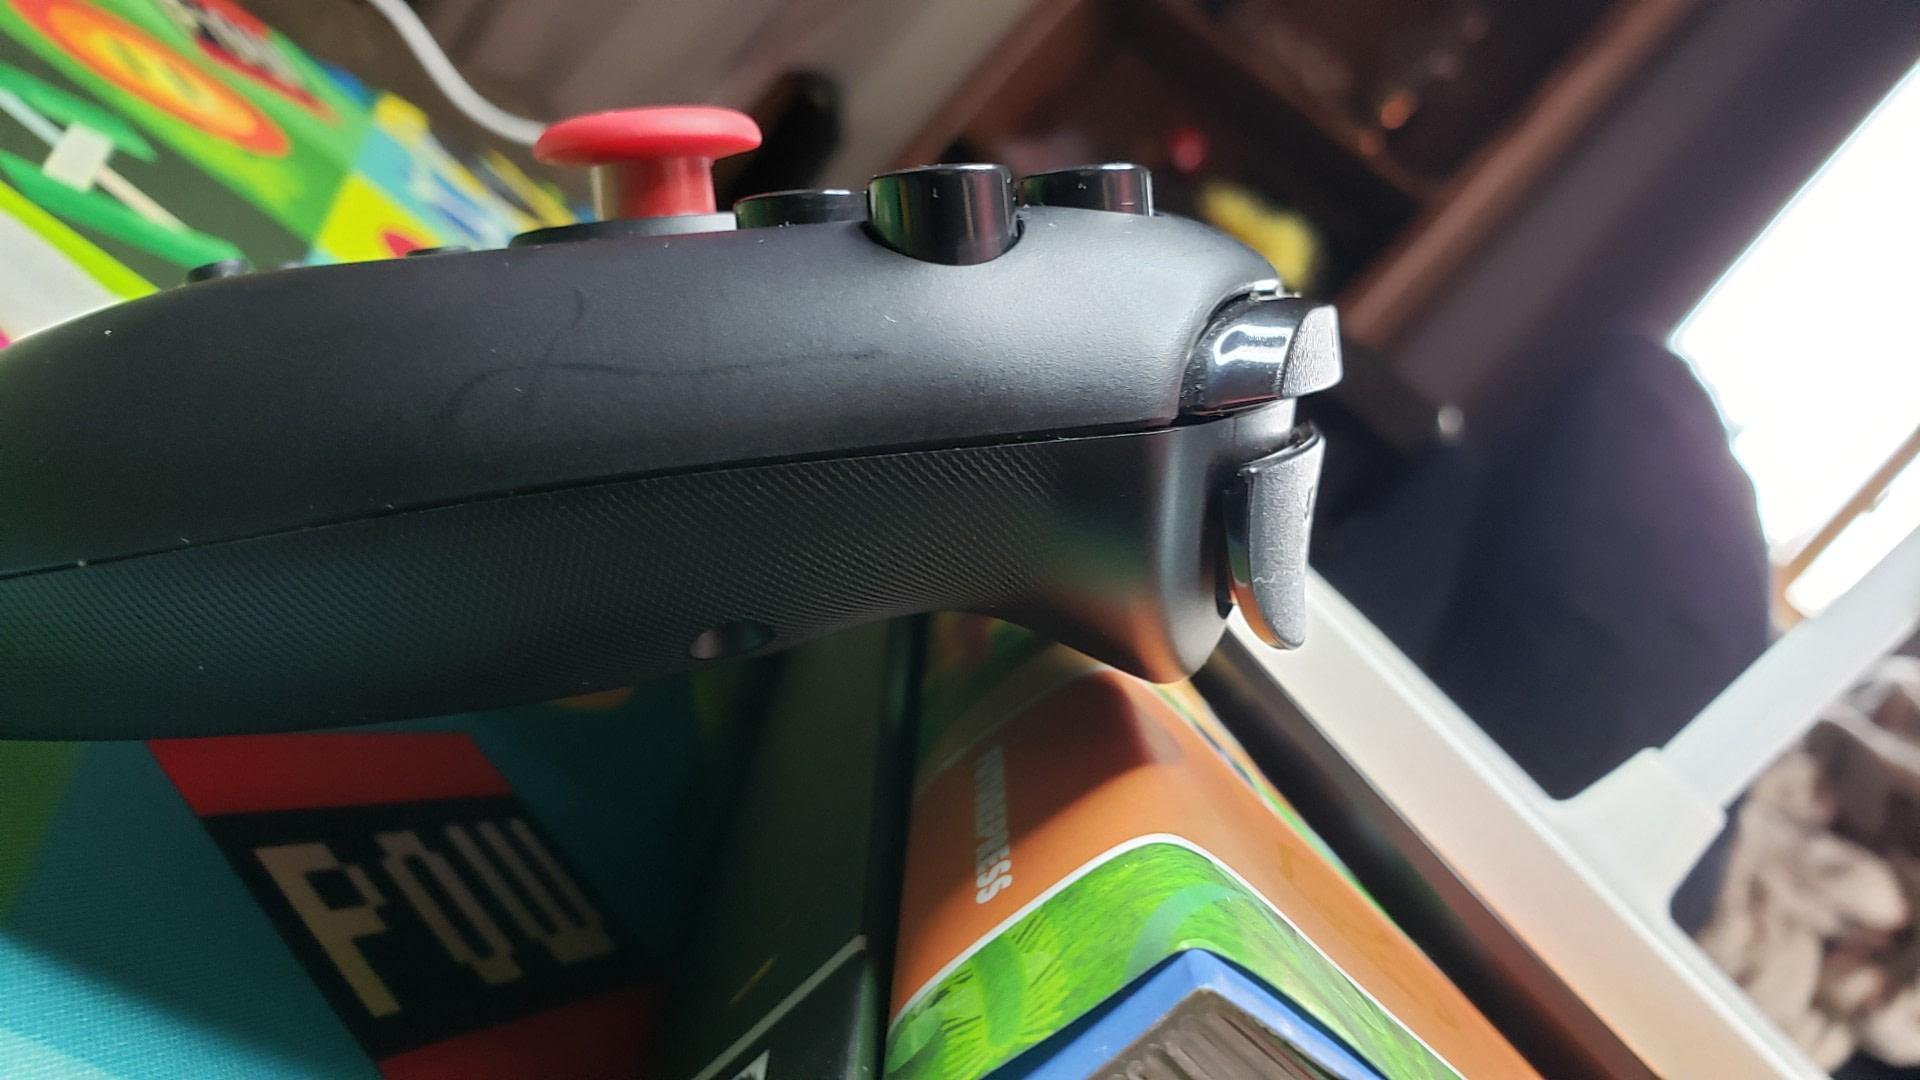 hori-split-pad-pro-7